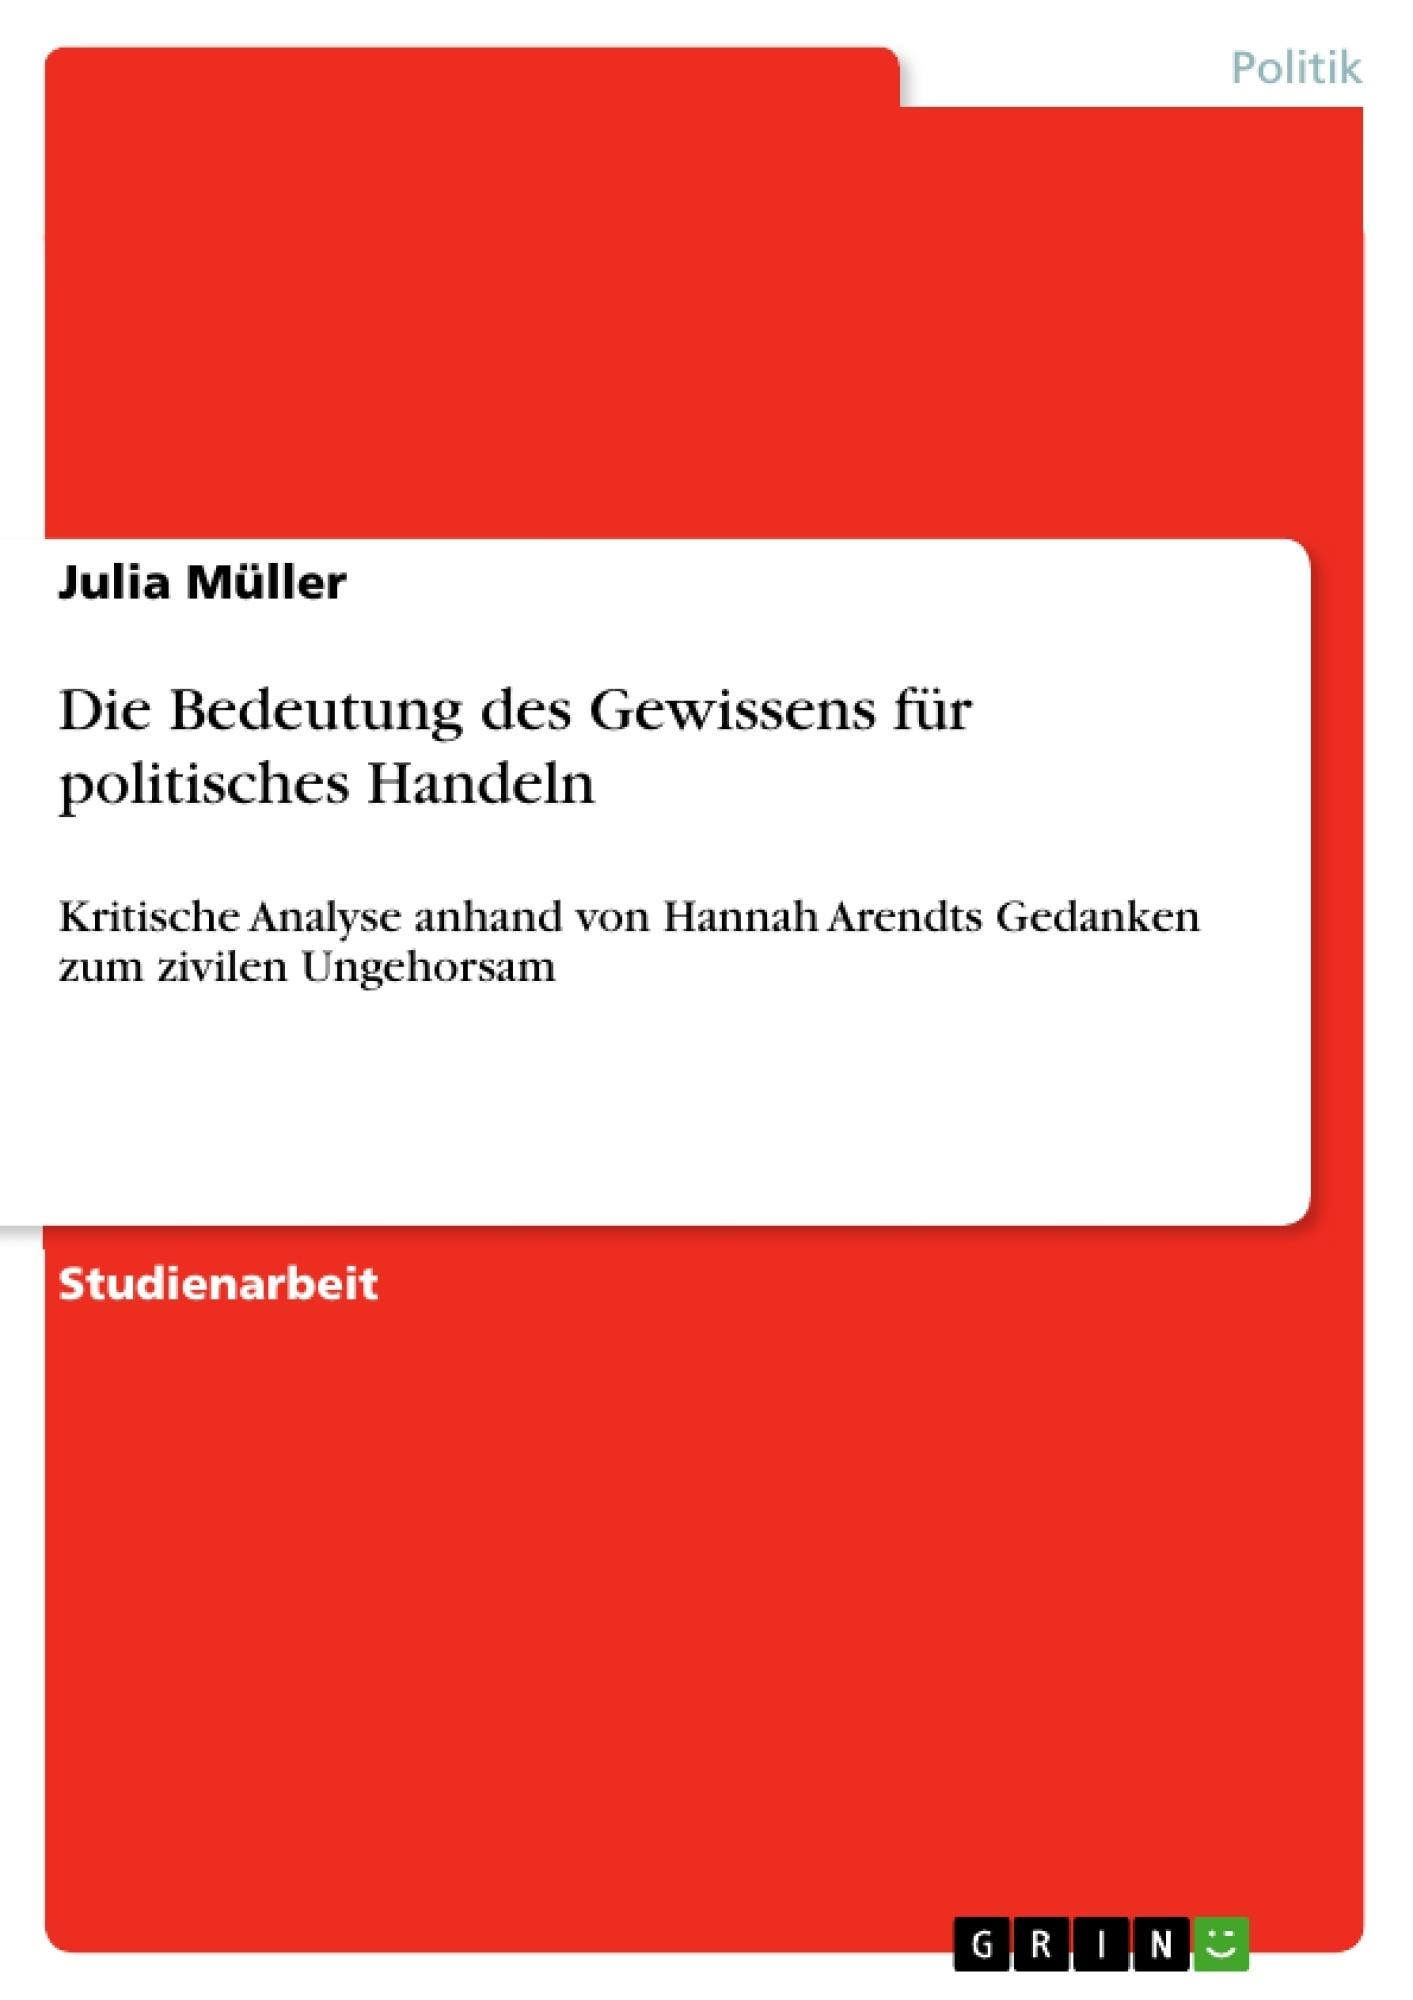 Titel: Die Bedeutung des Gewissens für politisches Handeln